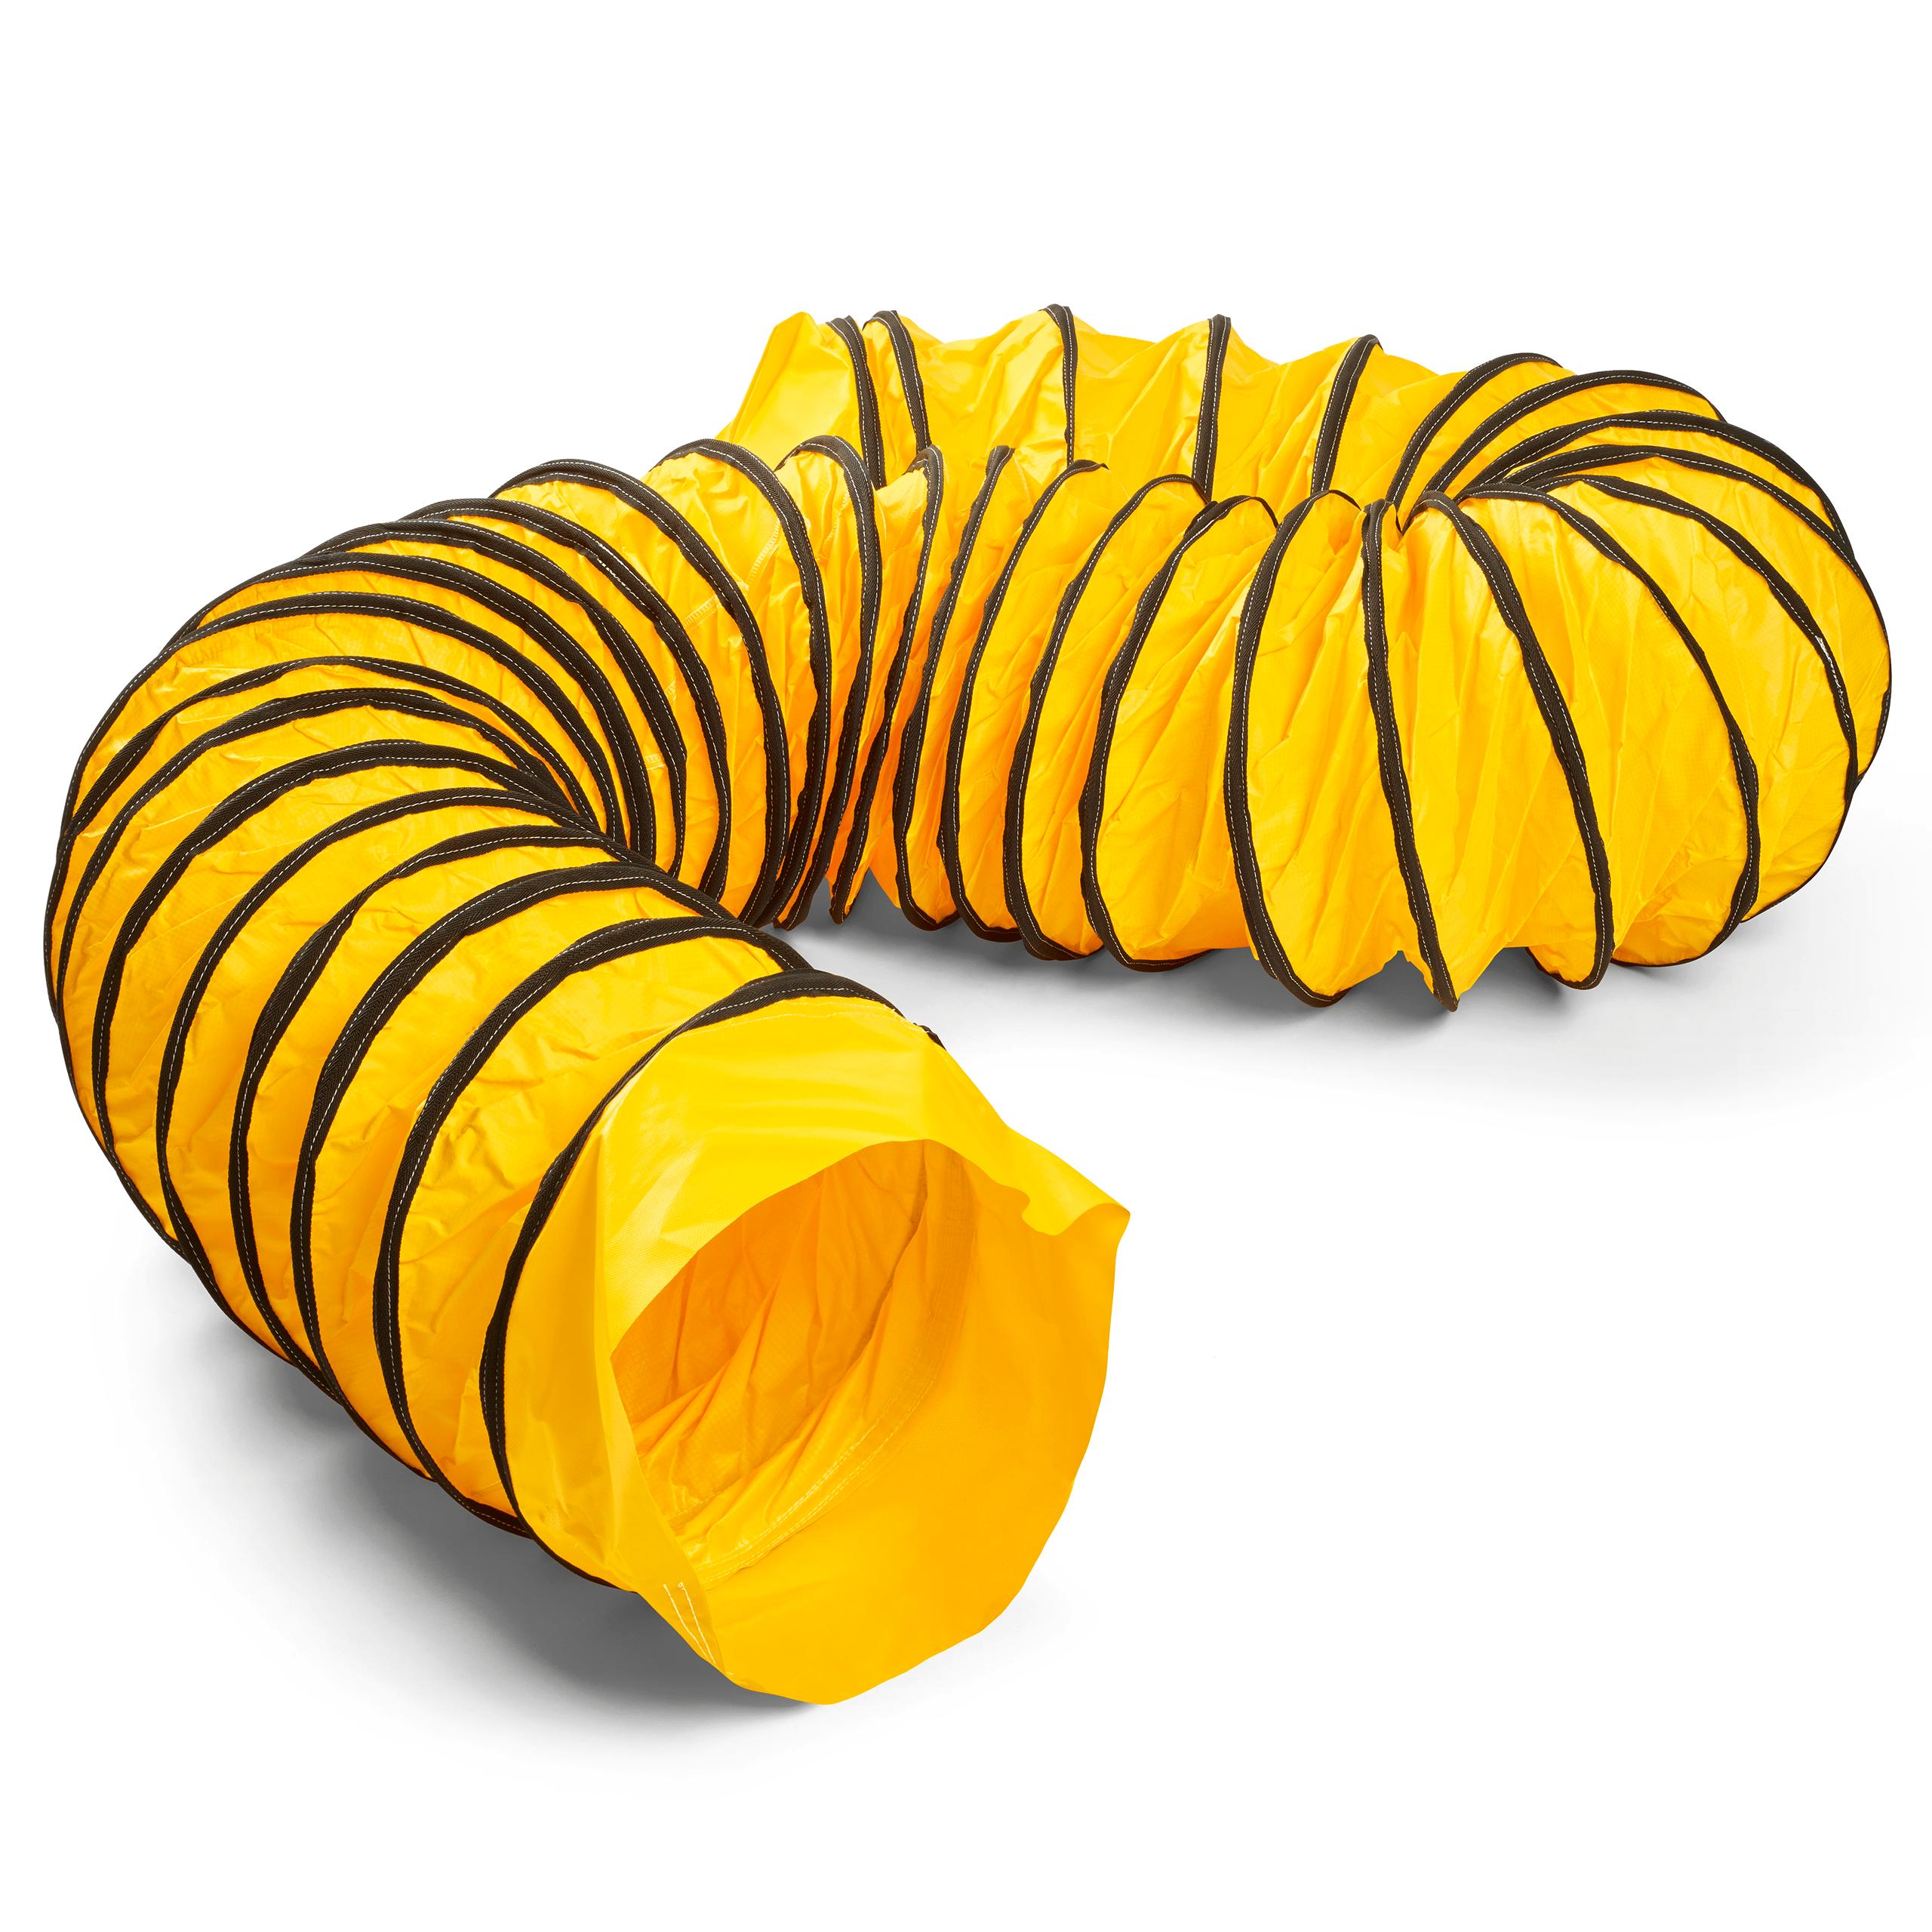 Warmluftschlauch aus beidseitig PVC-beschichtetem Polyestergewebe - Länge 7,6m - Beständig bis 100°C